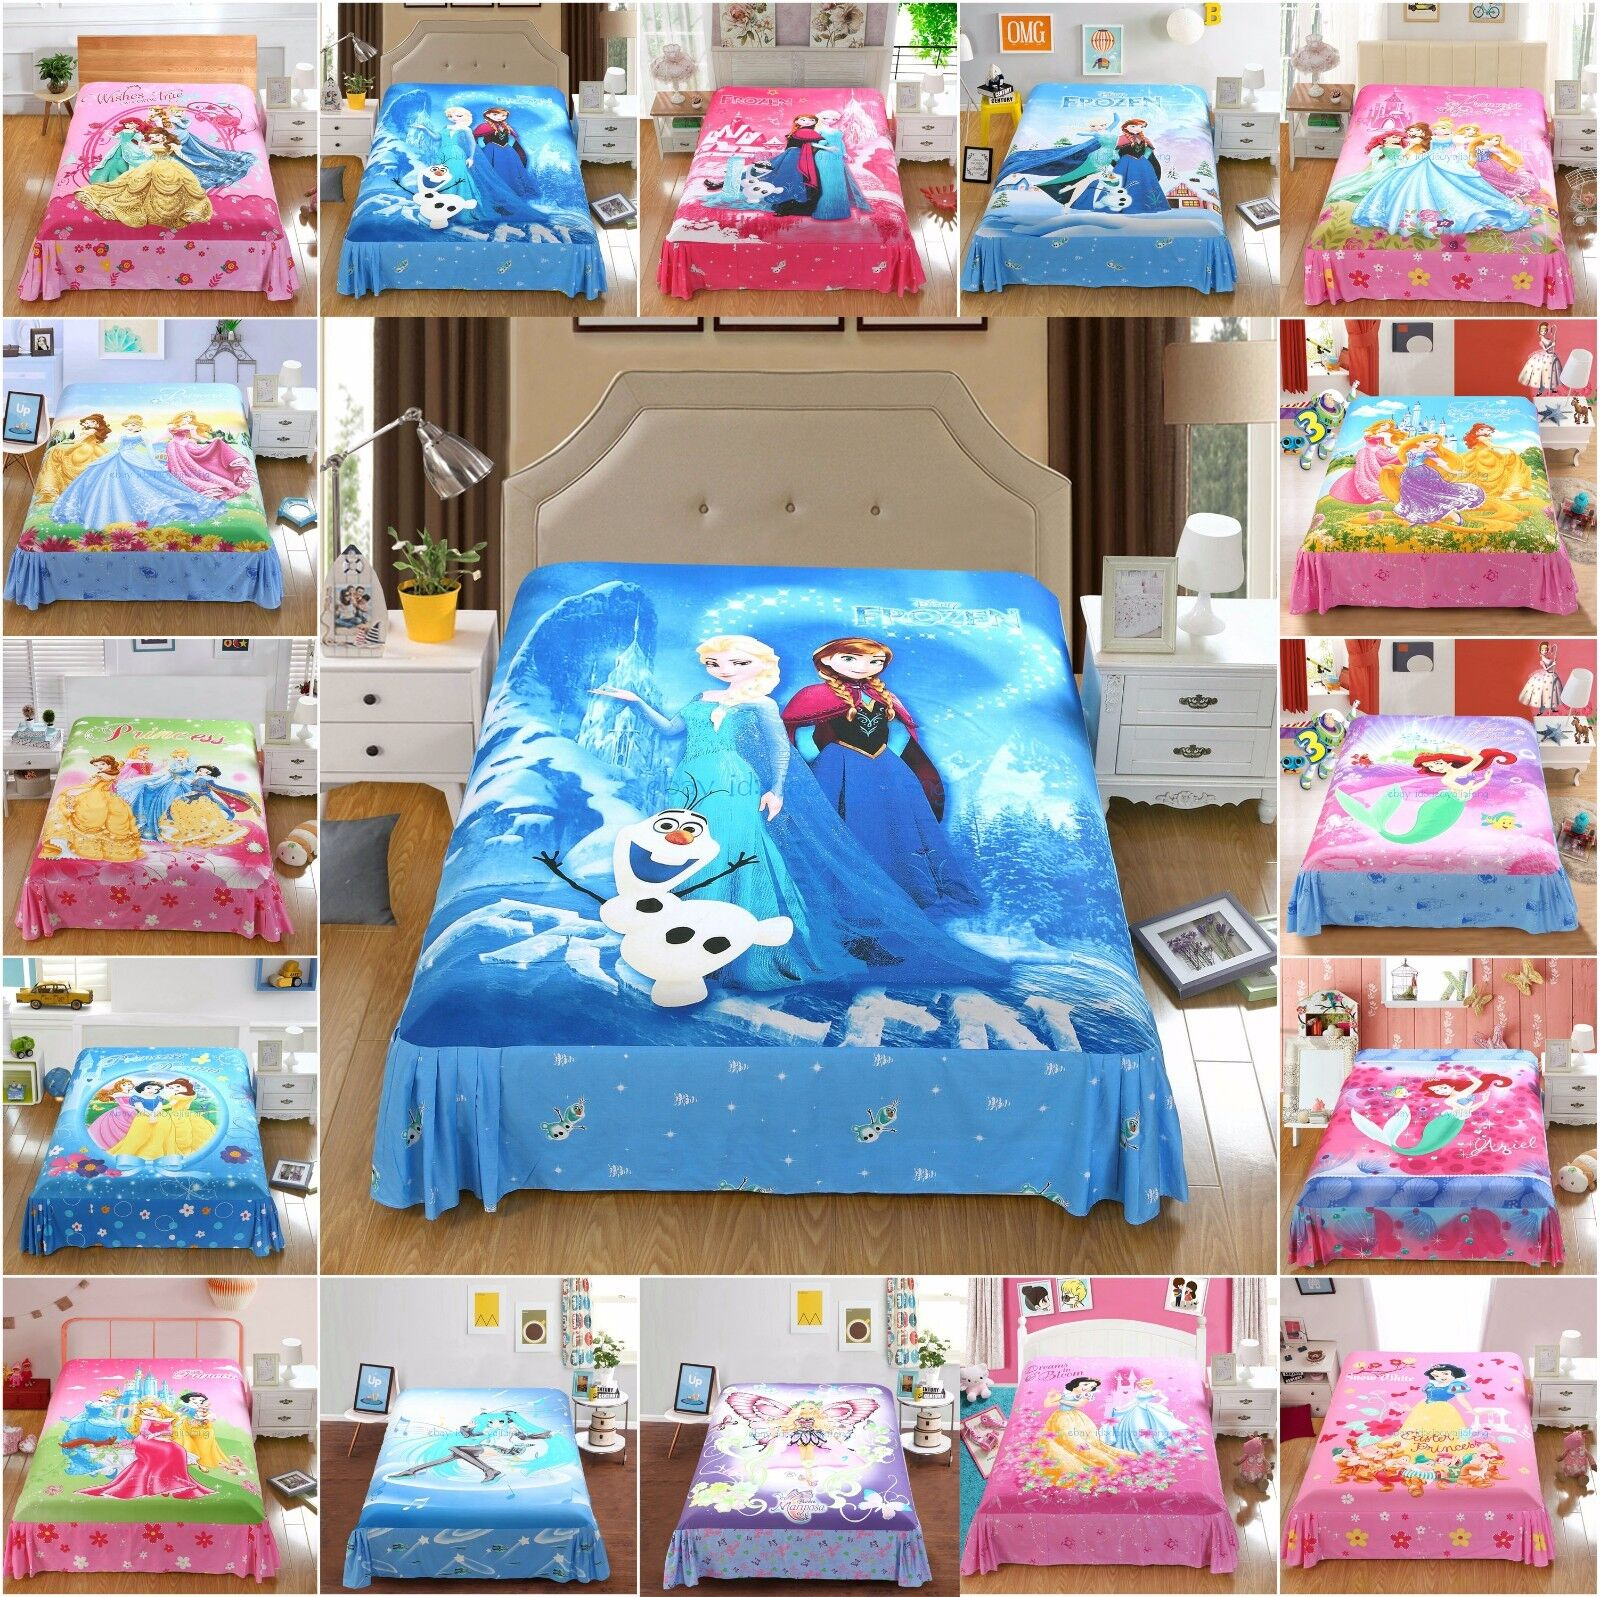 Disney Princess Frozen Twin/Full/Queen Bed Flat Sheet Set &